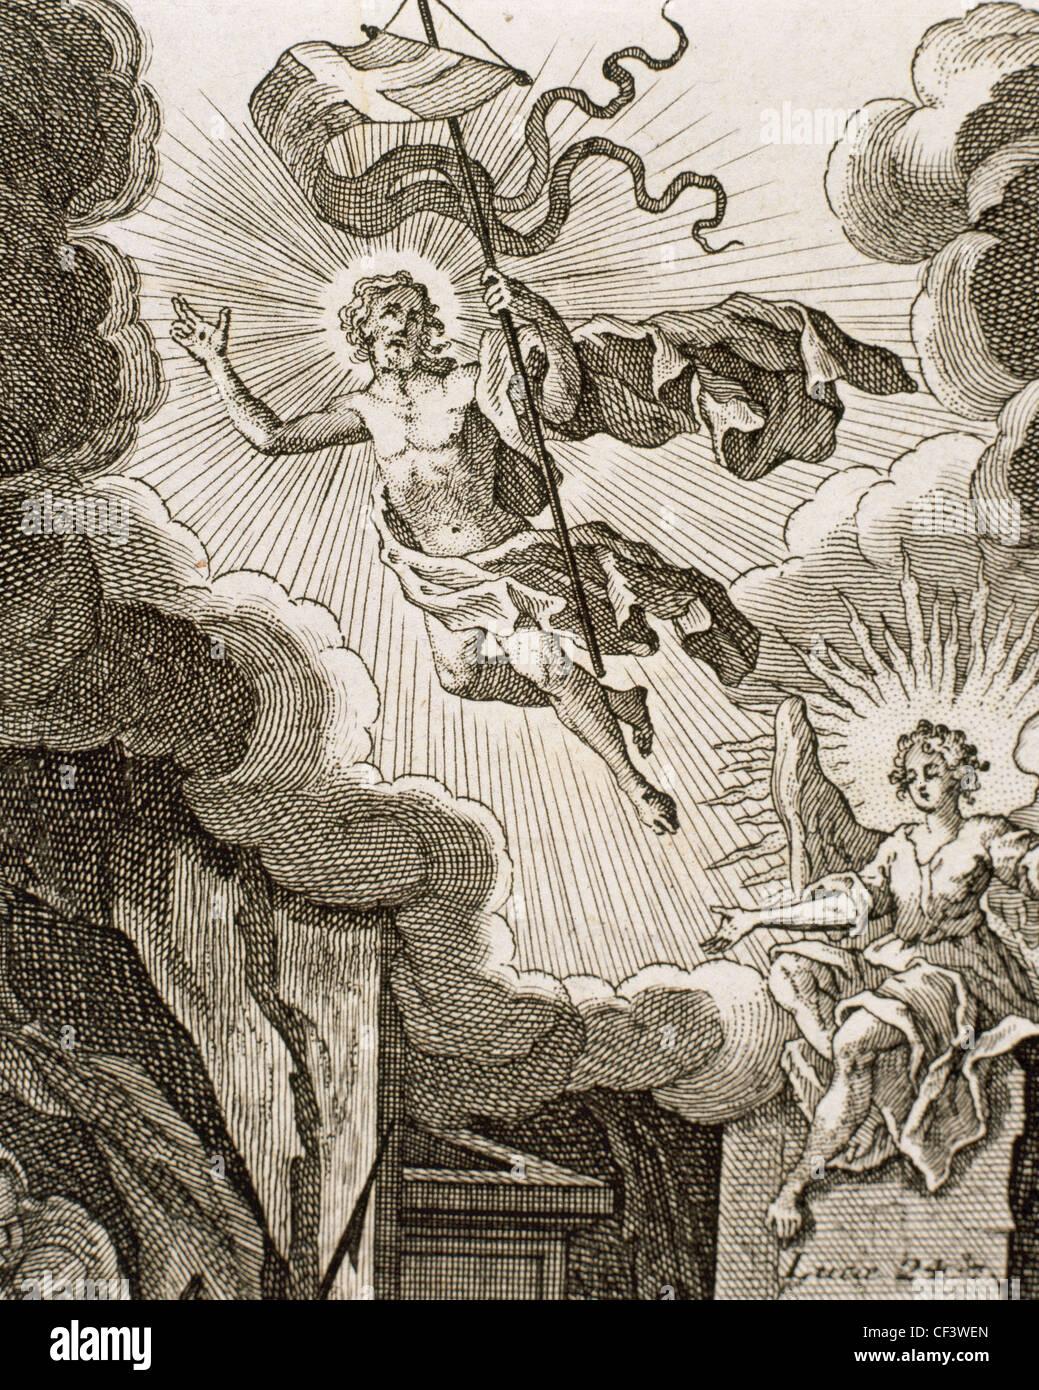 Luke 24. Resurrection of Jesus. Engraving - Stock Image